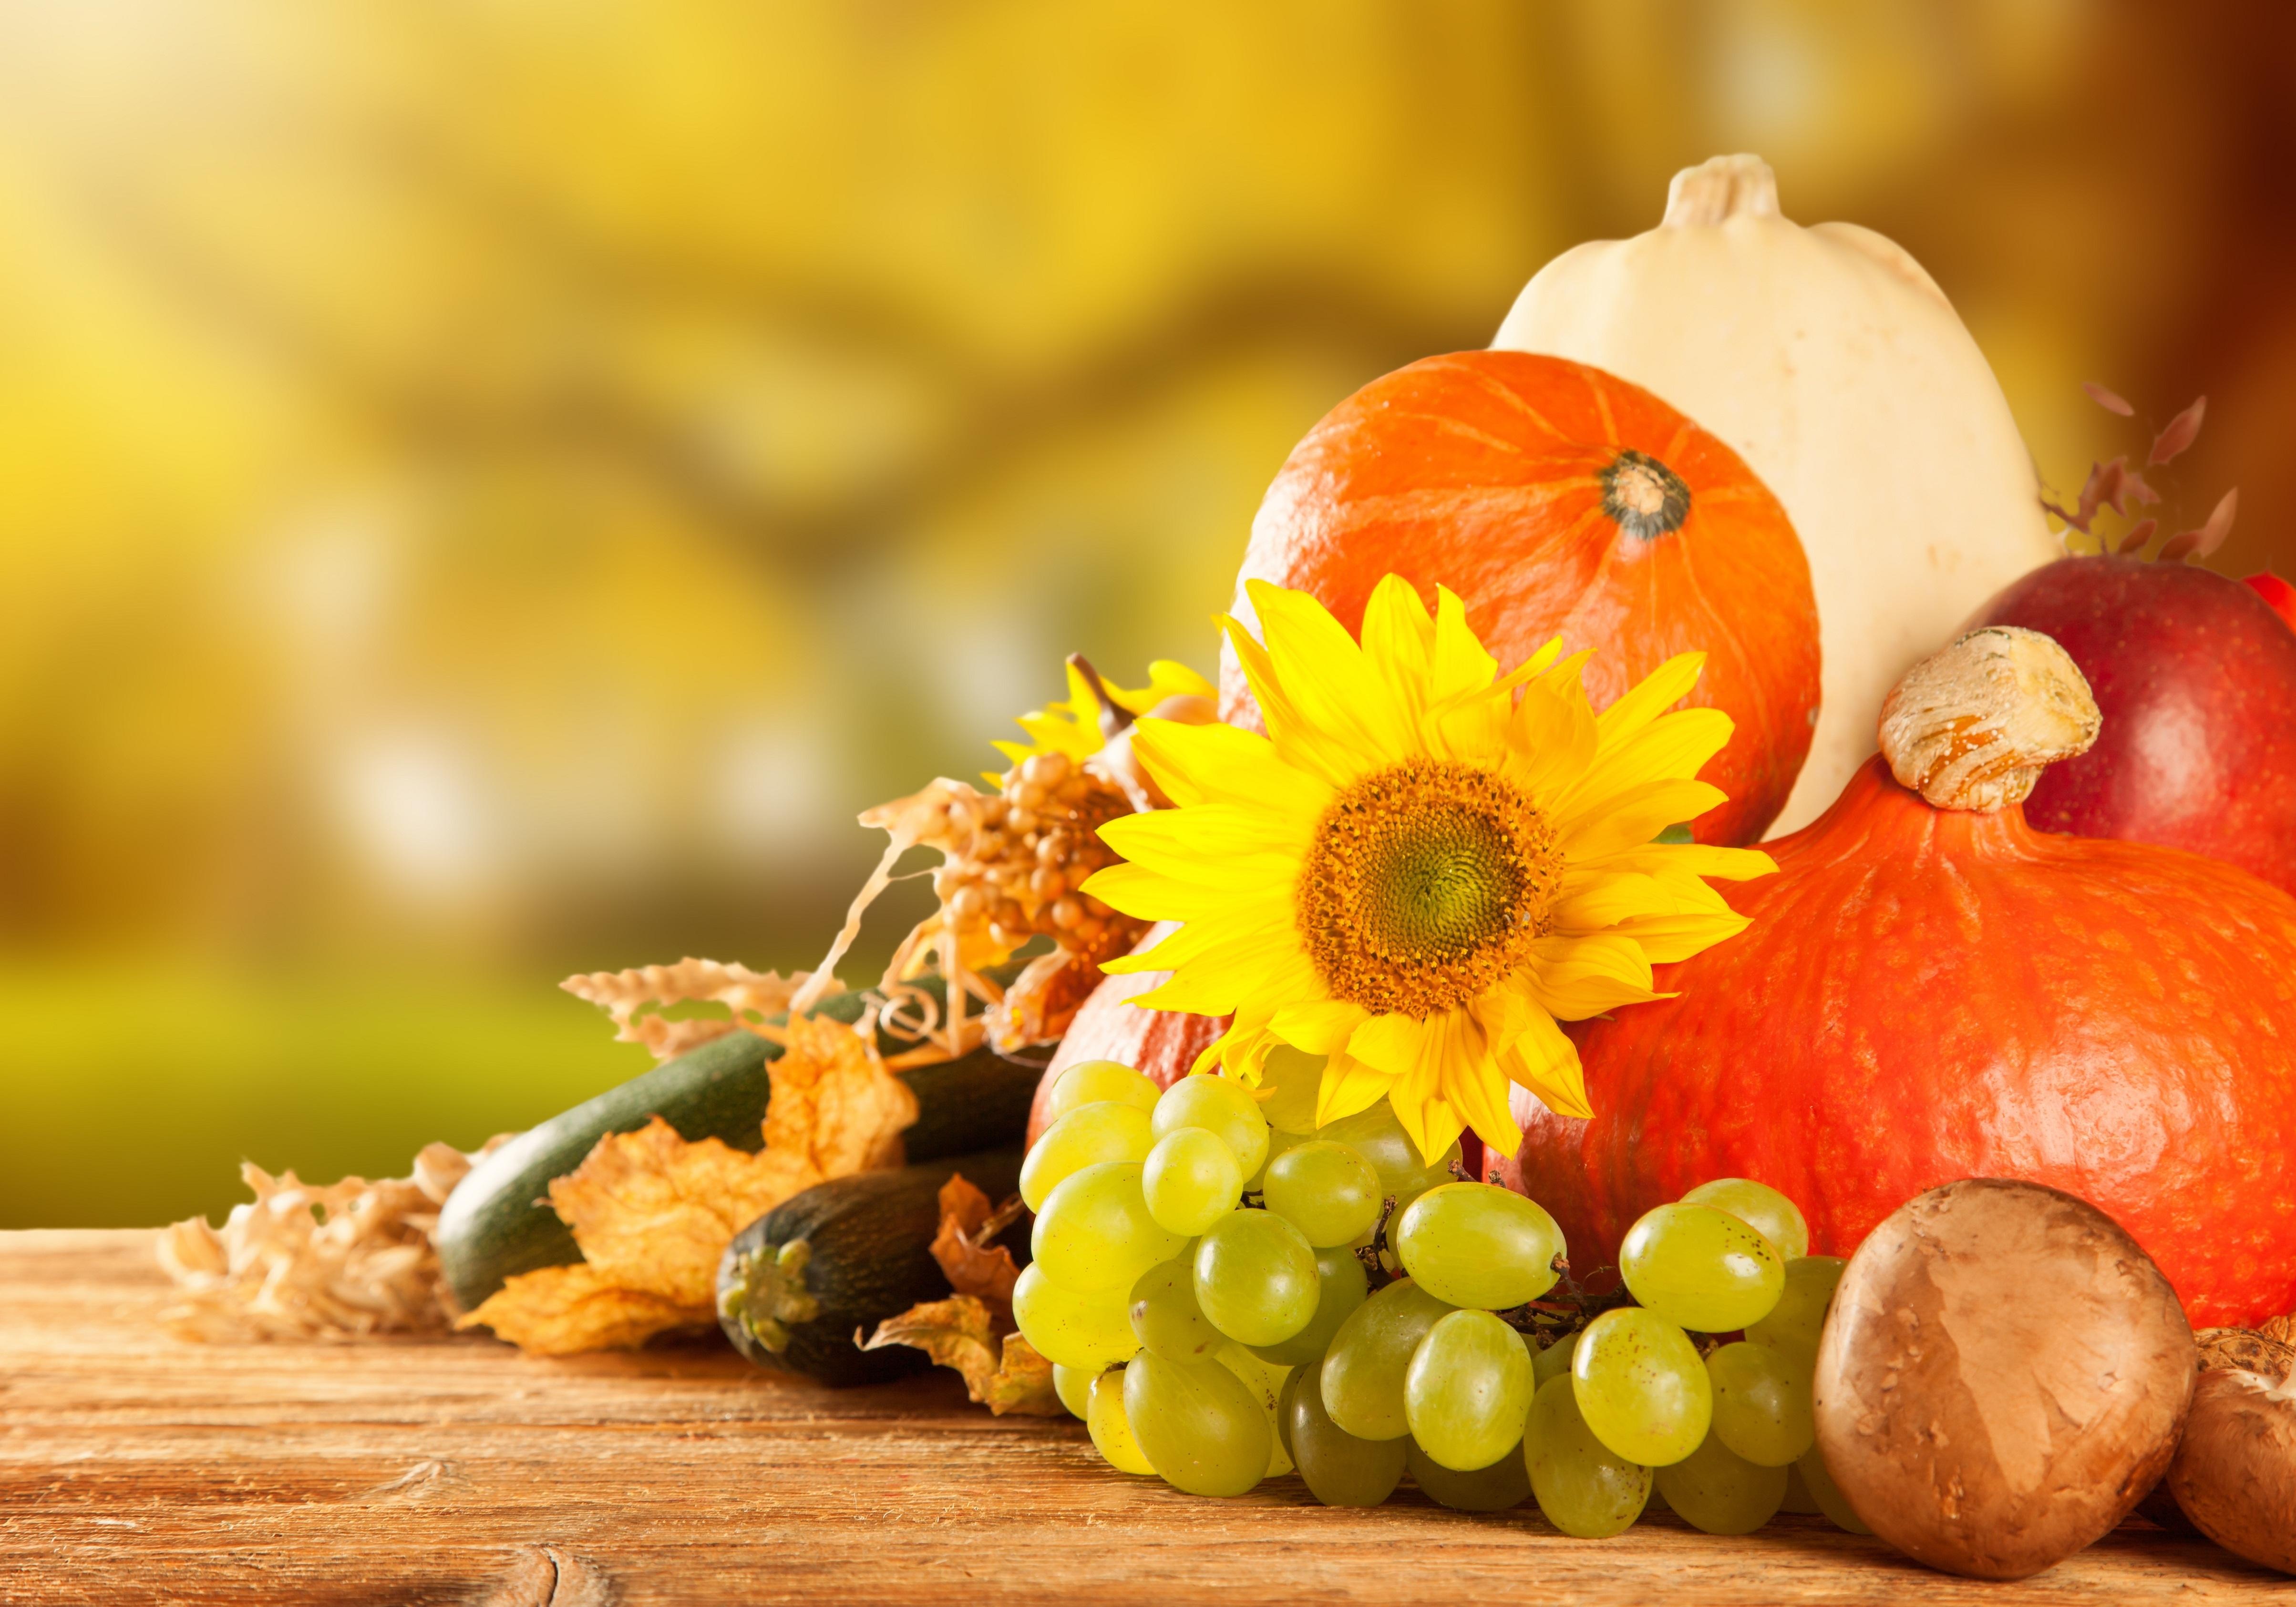 Картинки фрукты осень